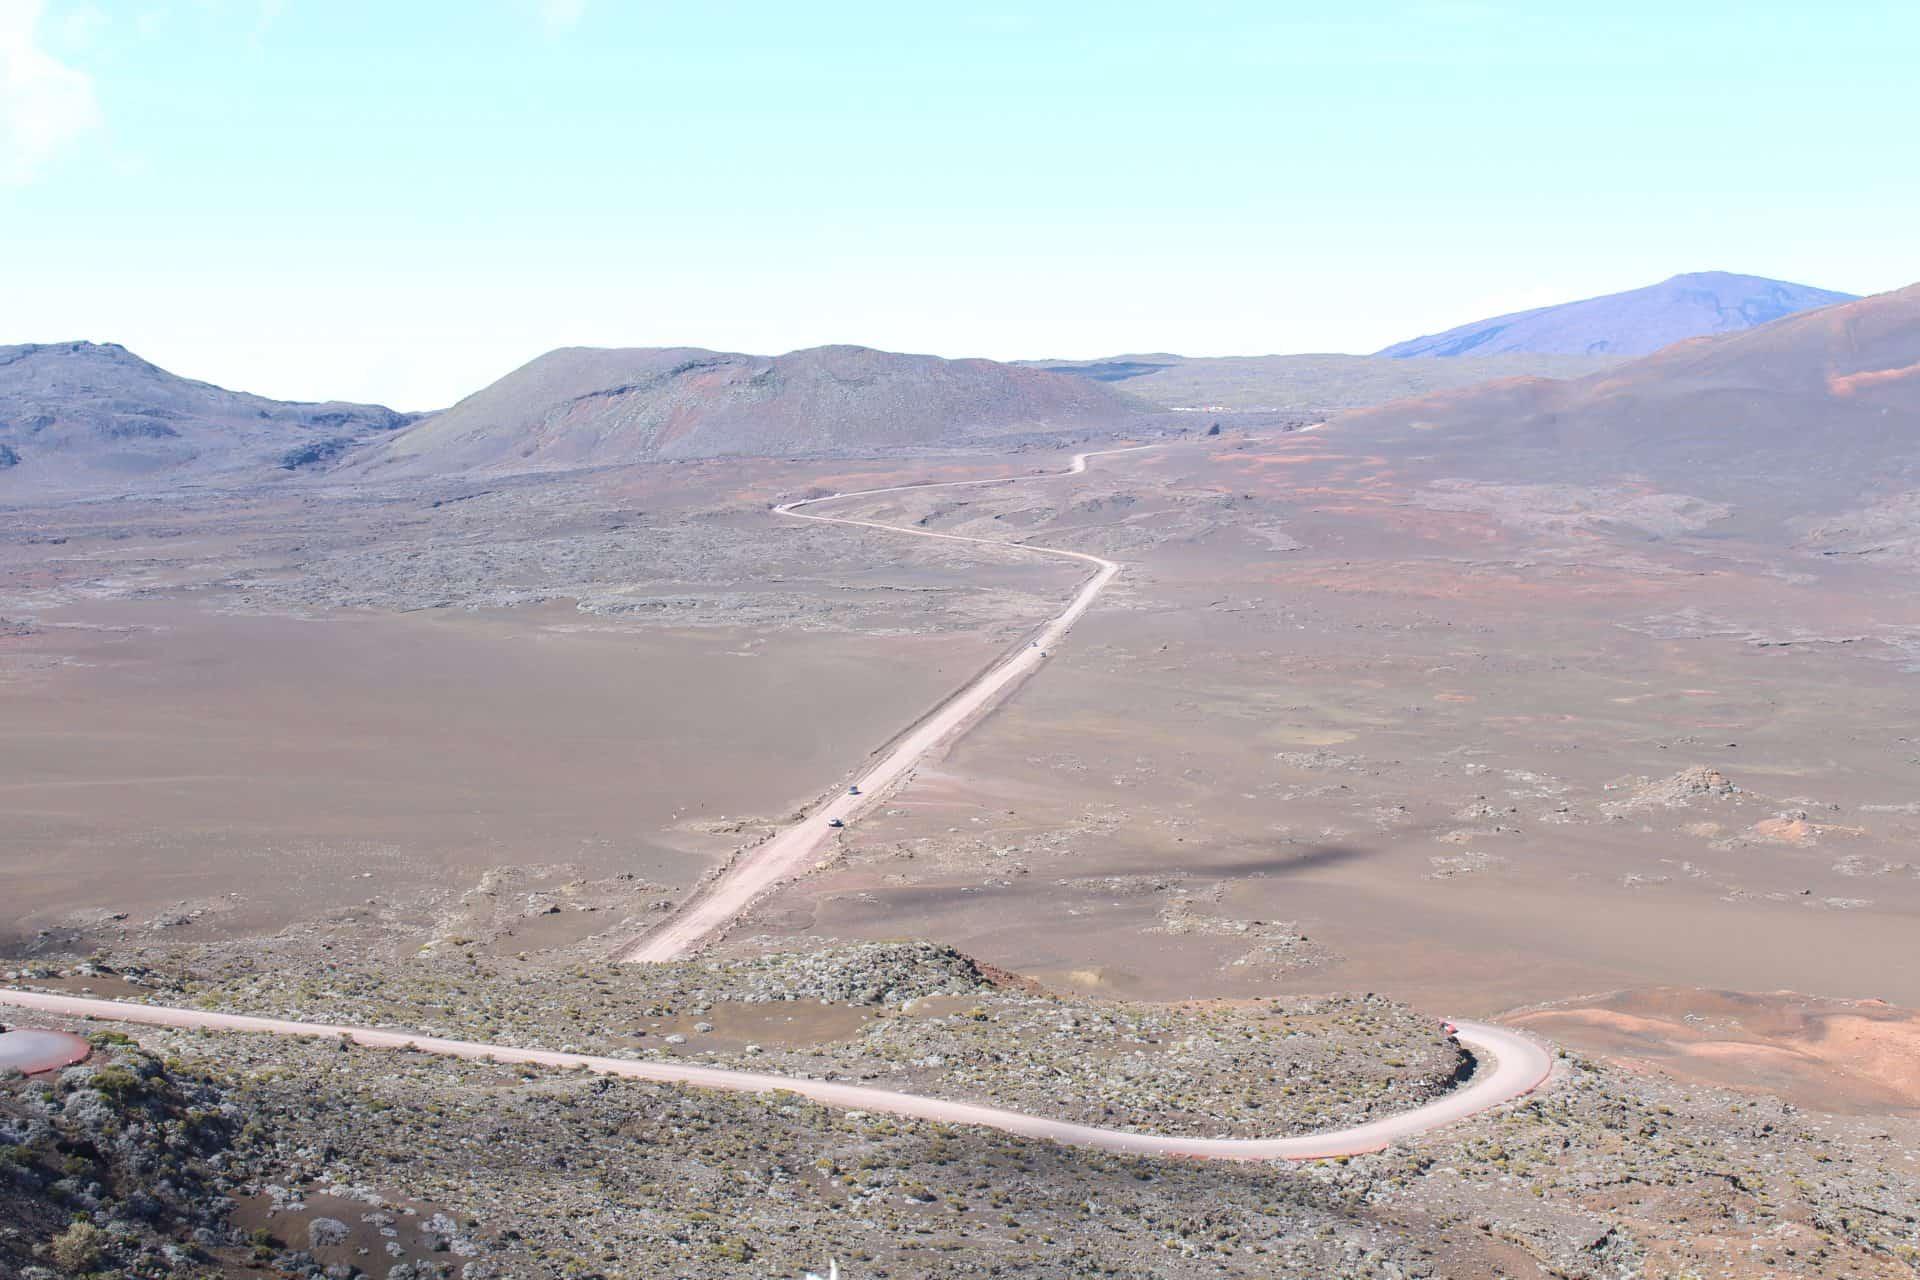 Photo - Une route dans un paysage désertique et vallonné